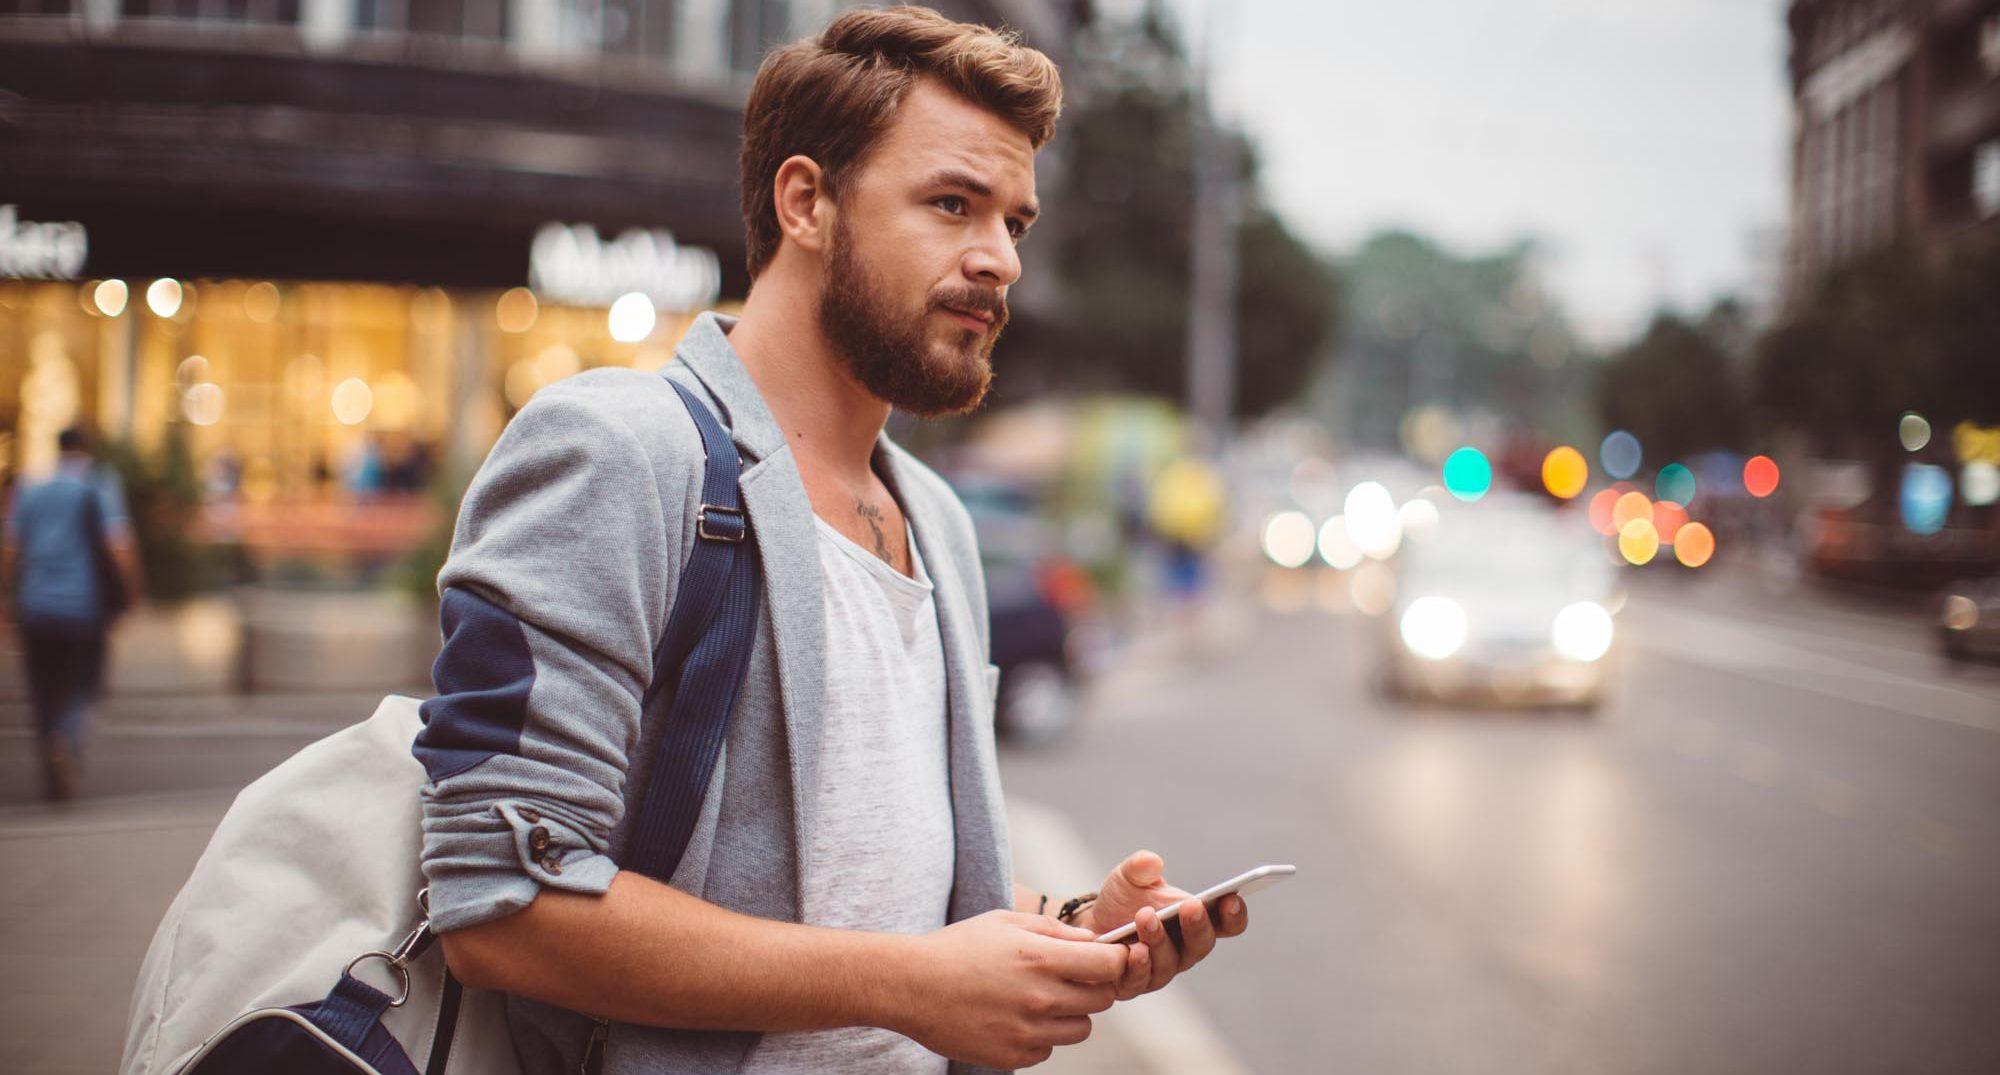 junger Mann mit Smartphone in der Stadt